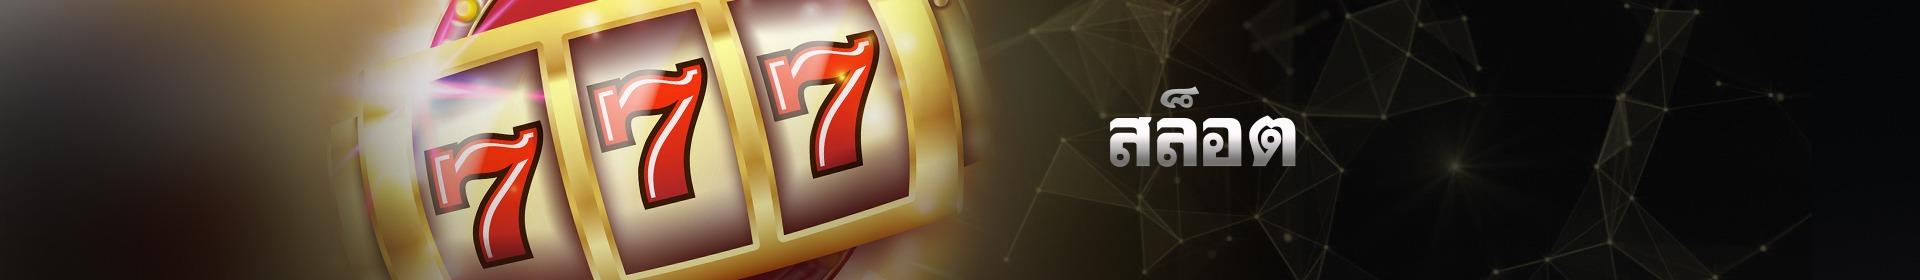 สล็อต สล็อตออนไลน์ - Slot online LuckyNiki